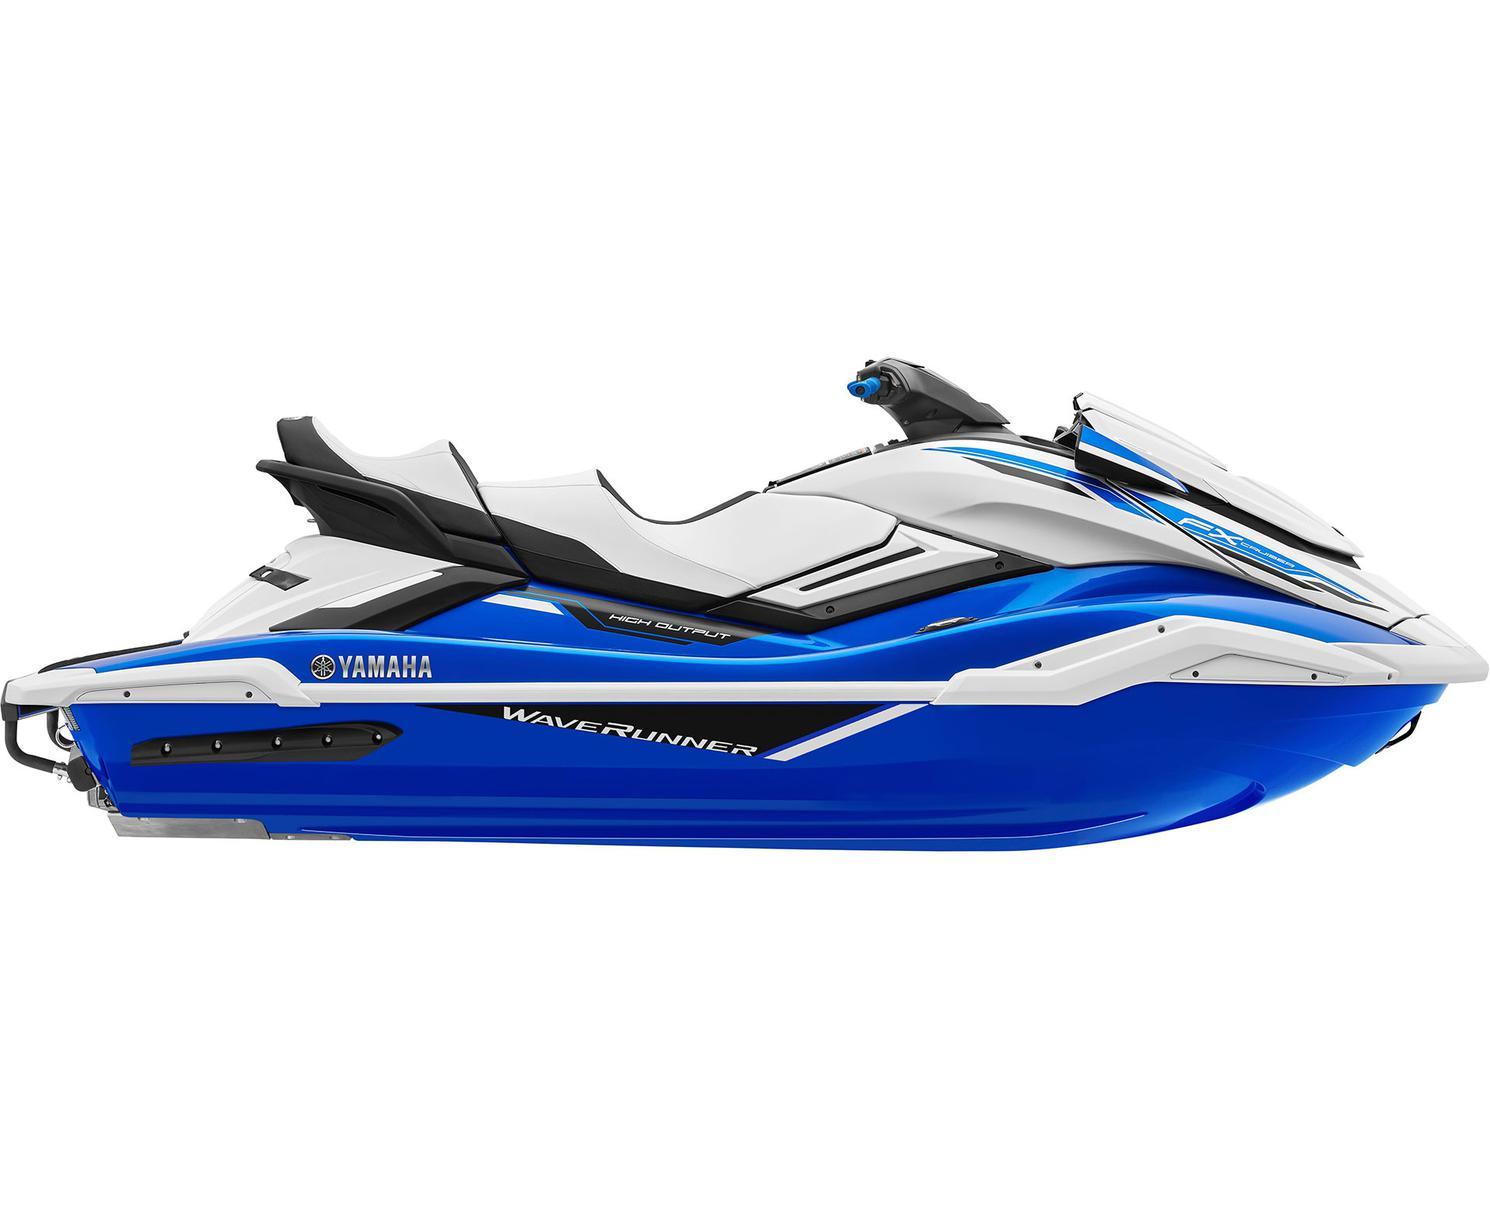 2021 Yamaha FX CRUISER HO Azure Blue/White